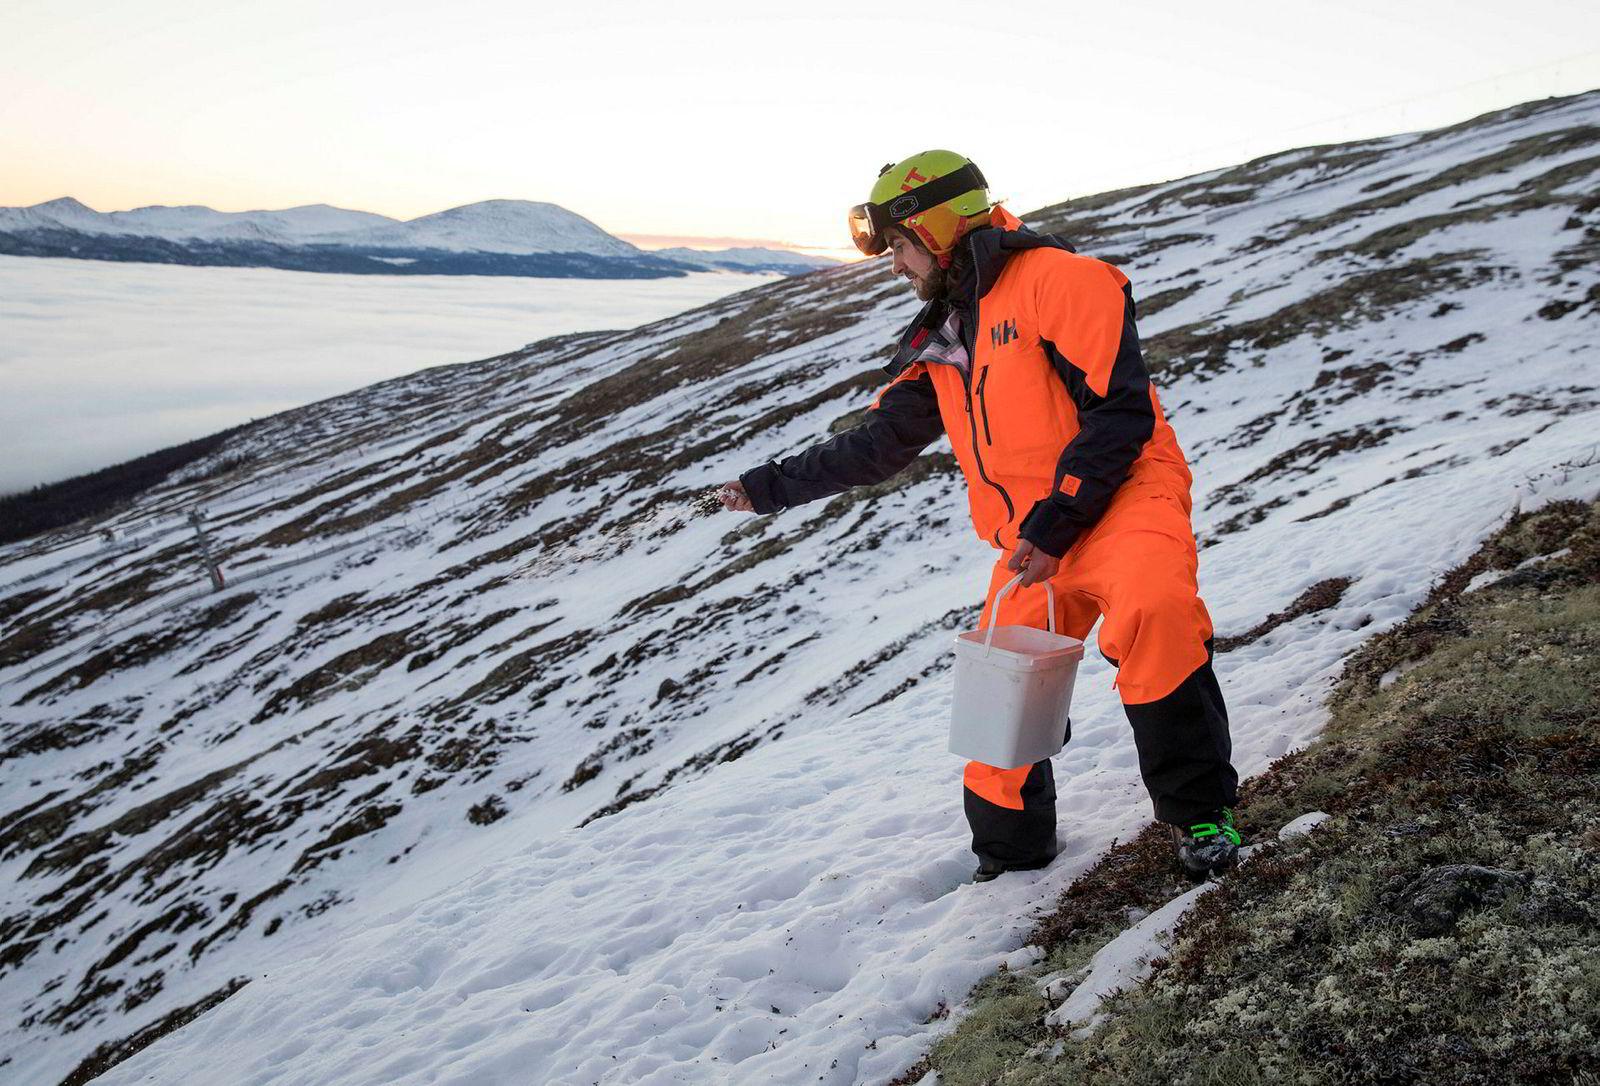 Dennis Risvoll salter tilløpet i et forsøk på å gjøre det litt mykere før han skal ta en baklengs salto utfor en klippe ved Lemonsjøen skisenter, i bakgrunnen.